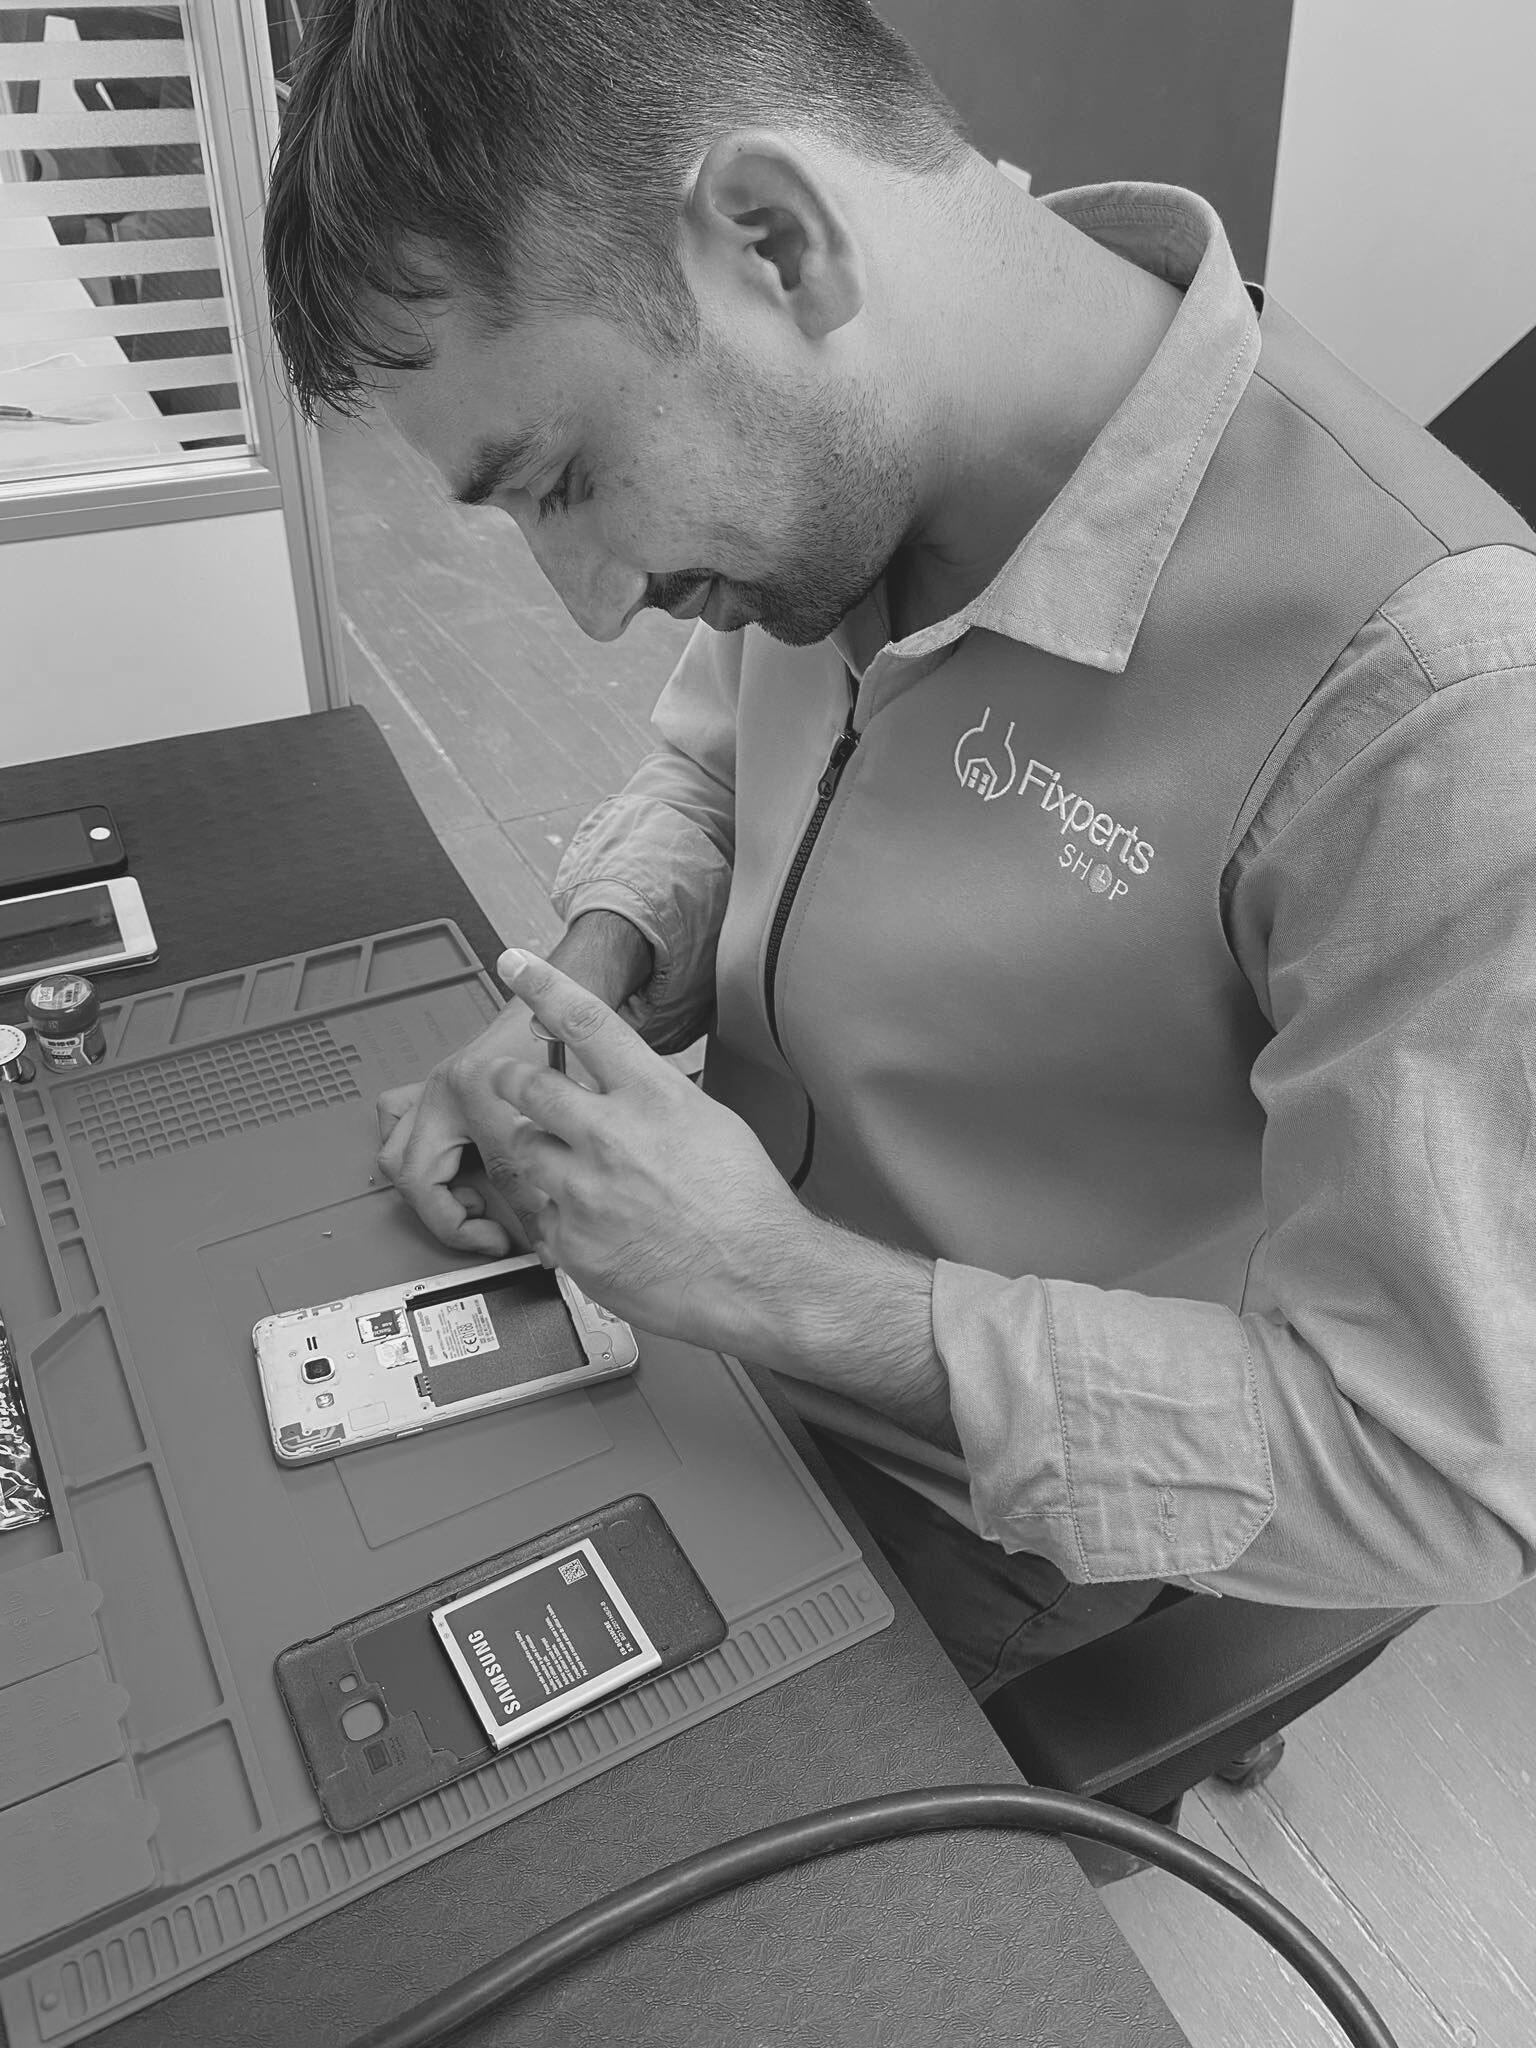 Mobile phone tablet repair